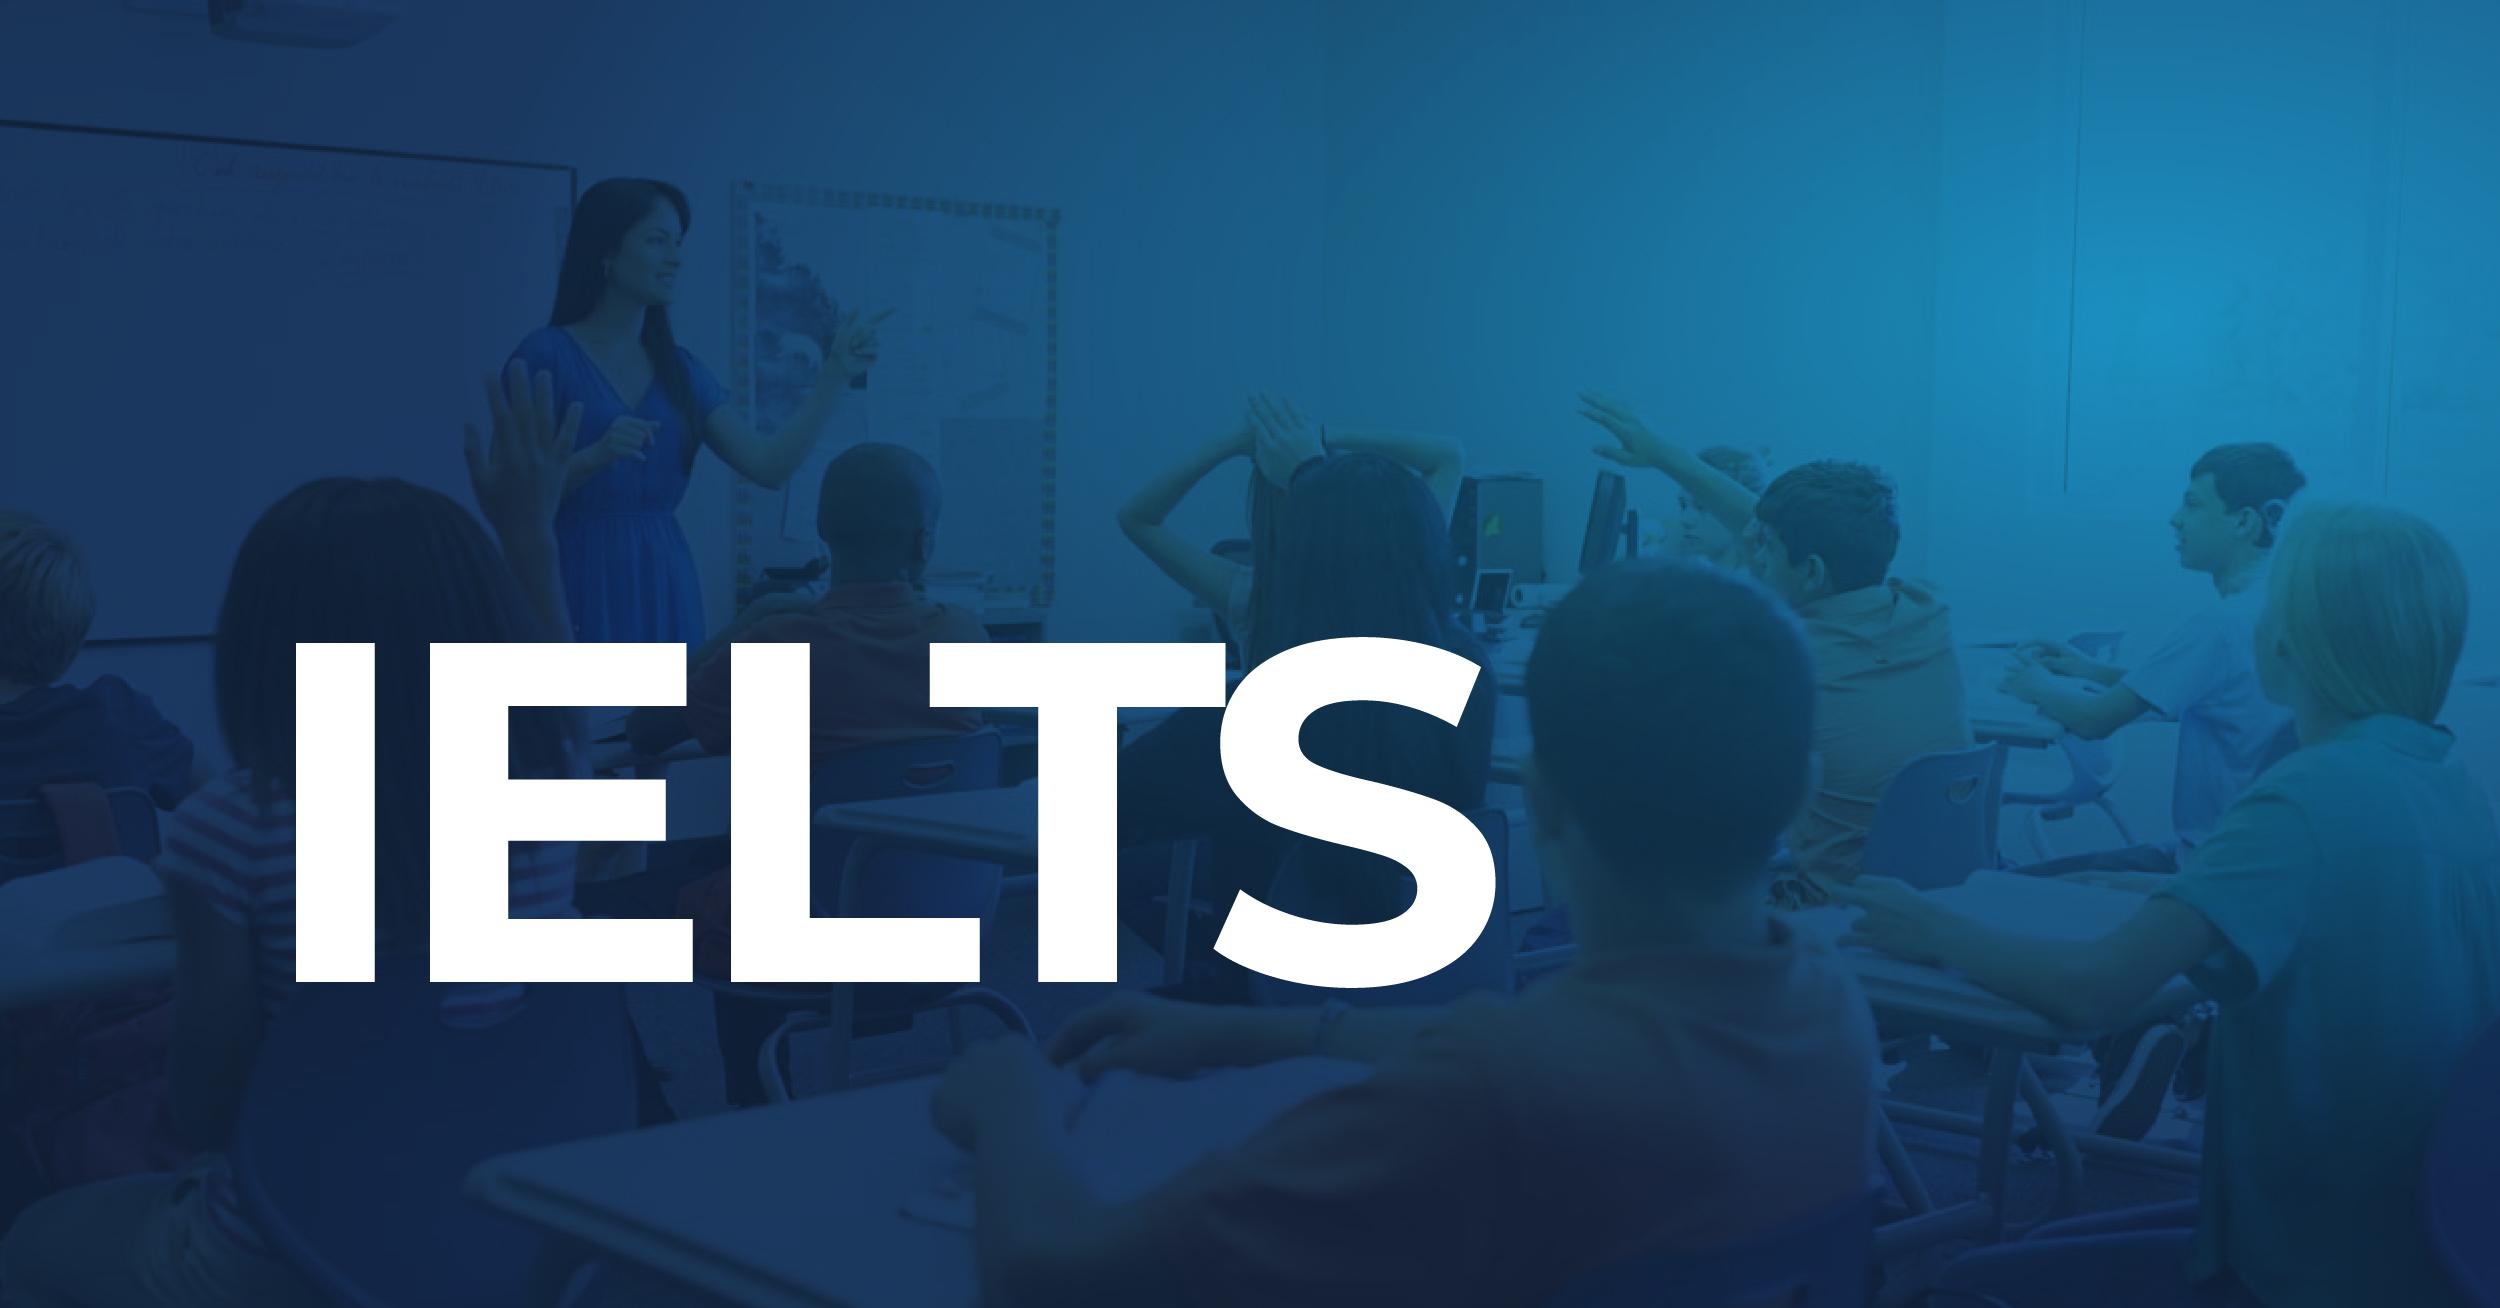 JSSM Best IELTS,PTE Spoken English institute, IELTS Coaching in Kharar, best IELTS Coaching in Kharar